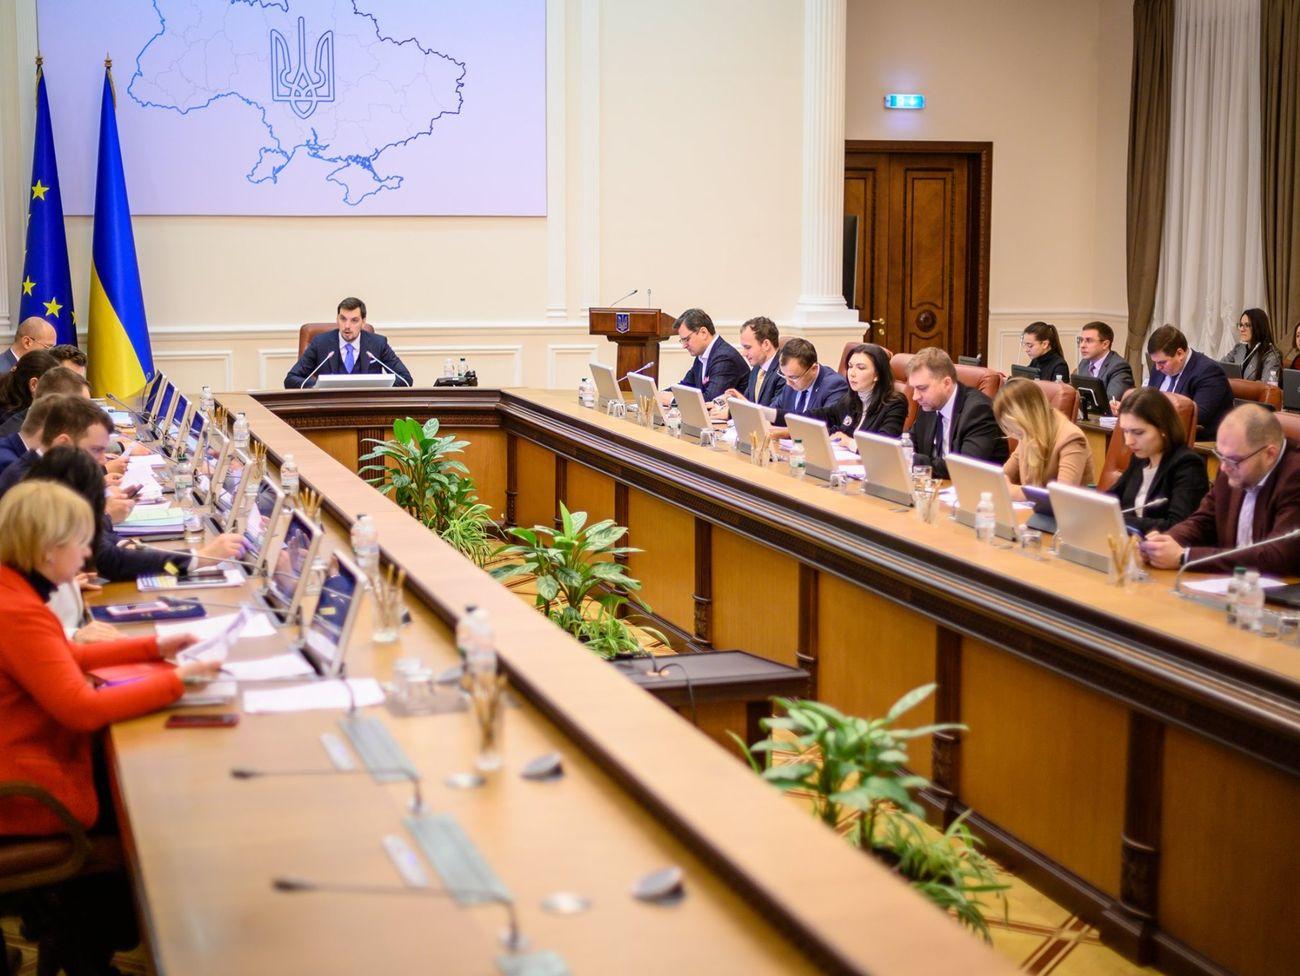 Отношение украинцев к новой власти и ее курсу резко изменилось - опрос